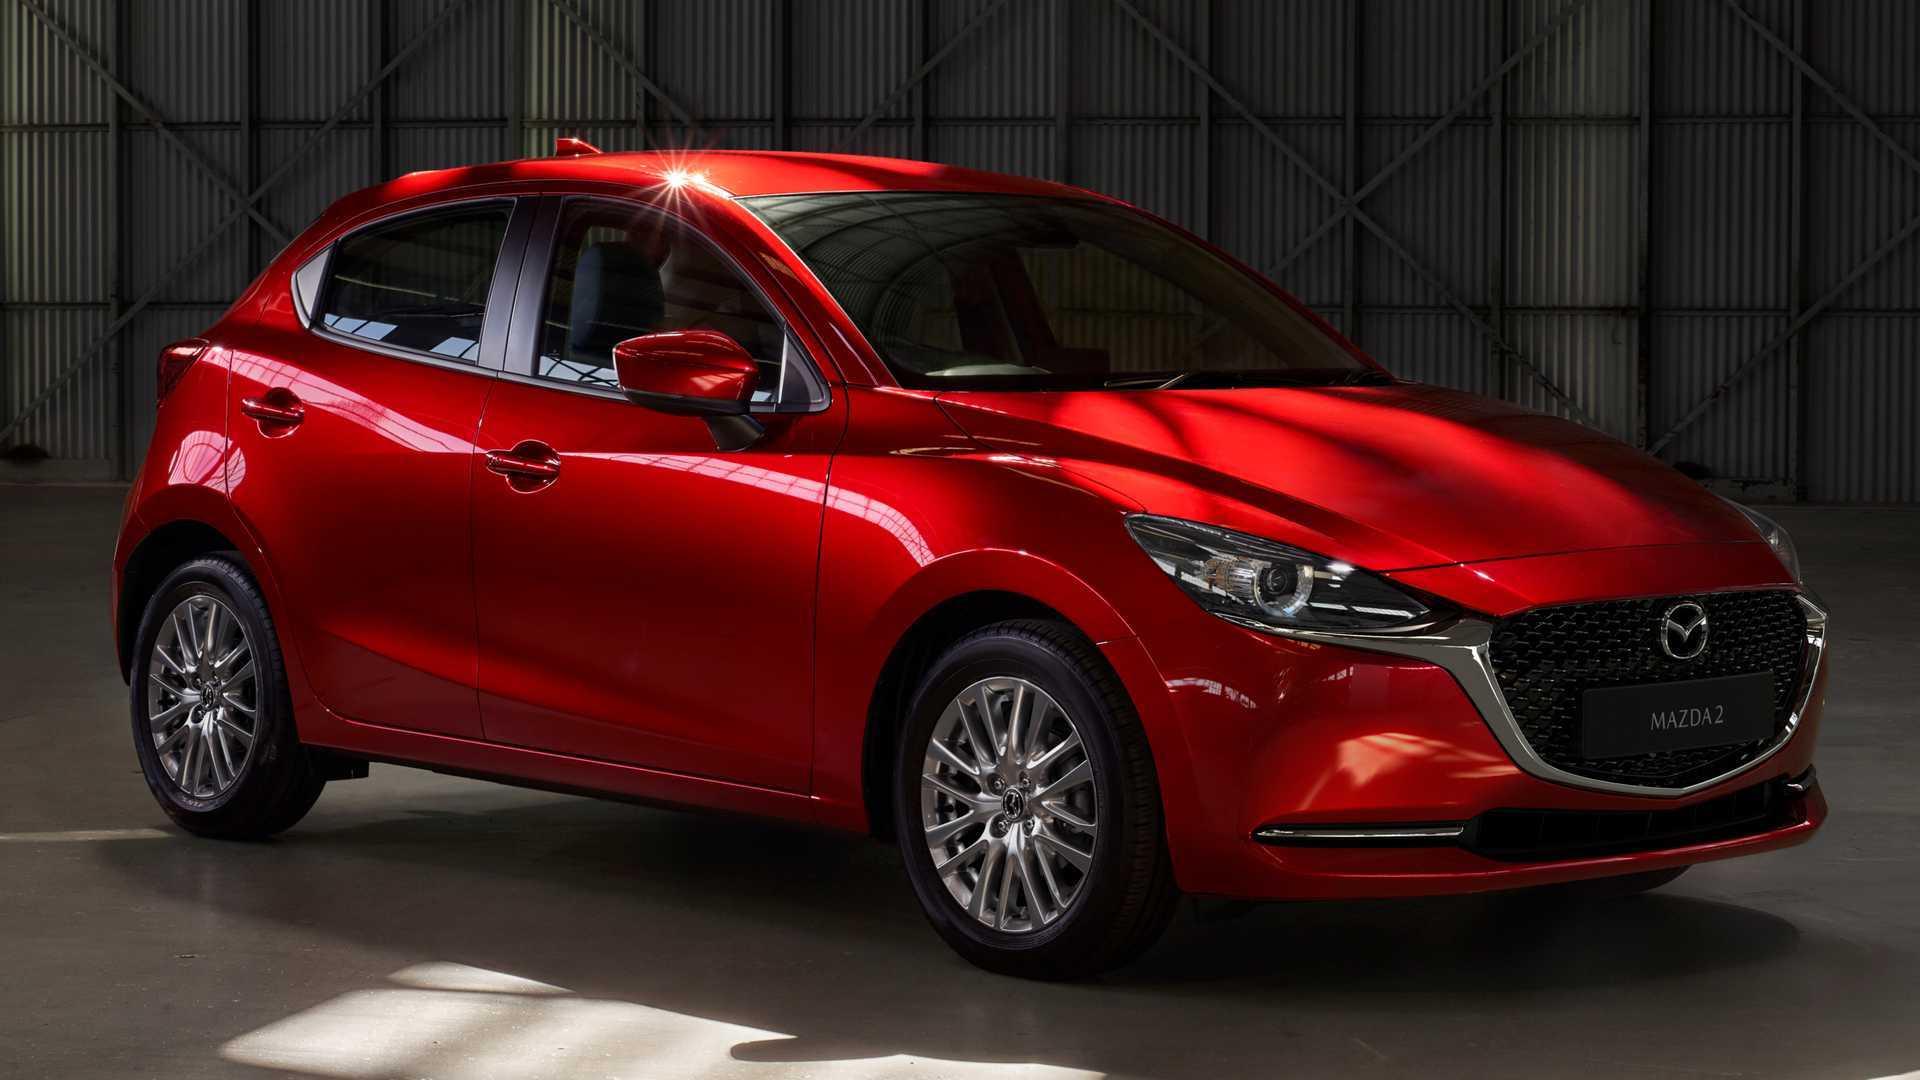 Kelebihan Kekurangan Mazda Cx2 Top Model Tahun Ini